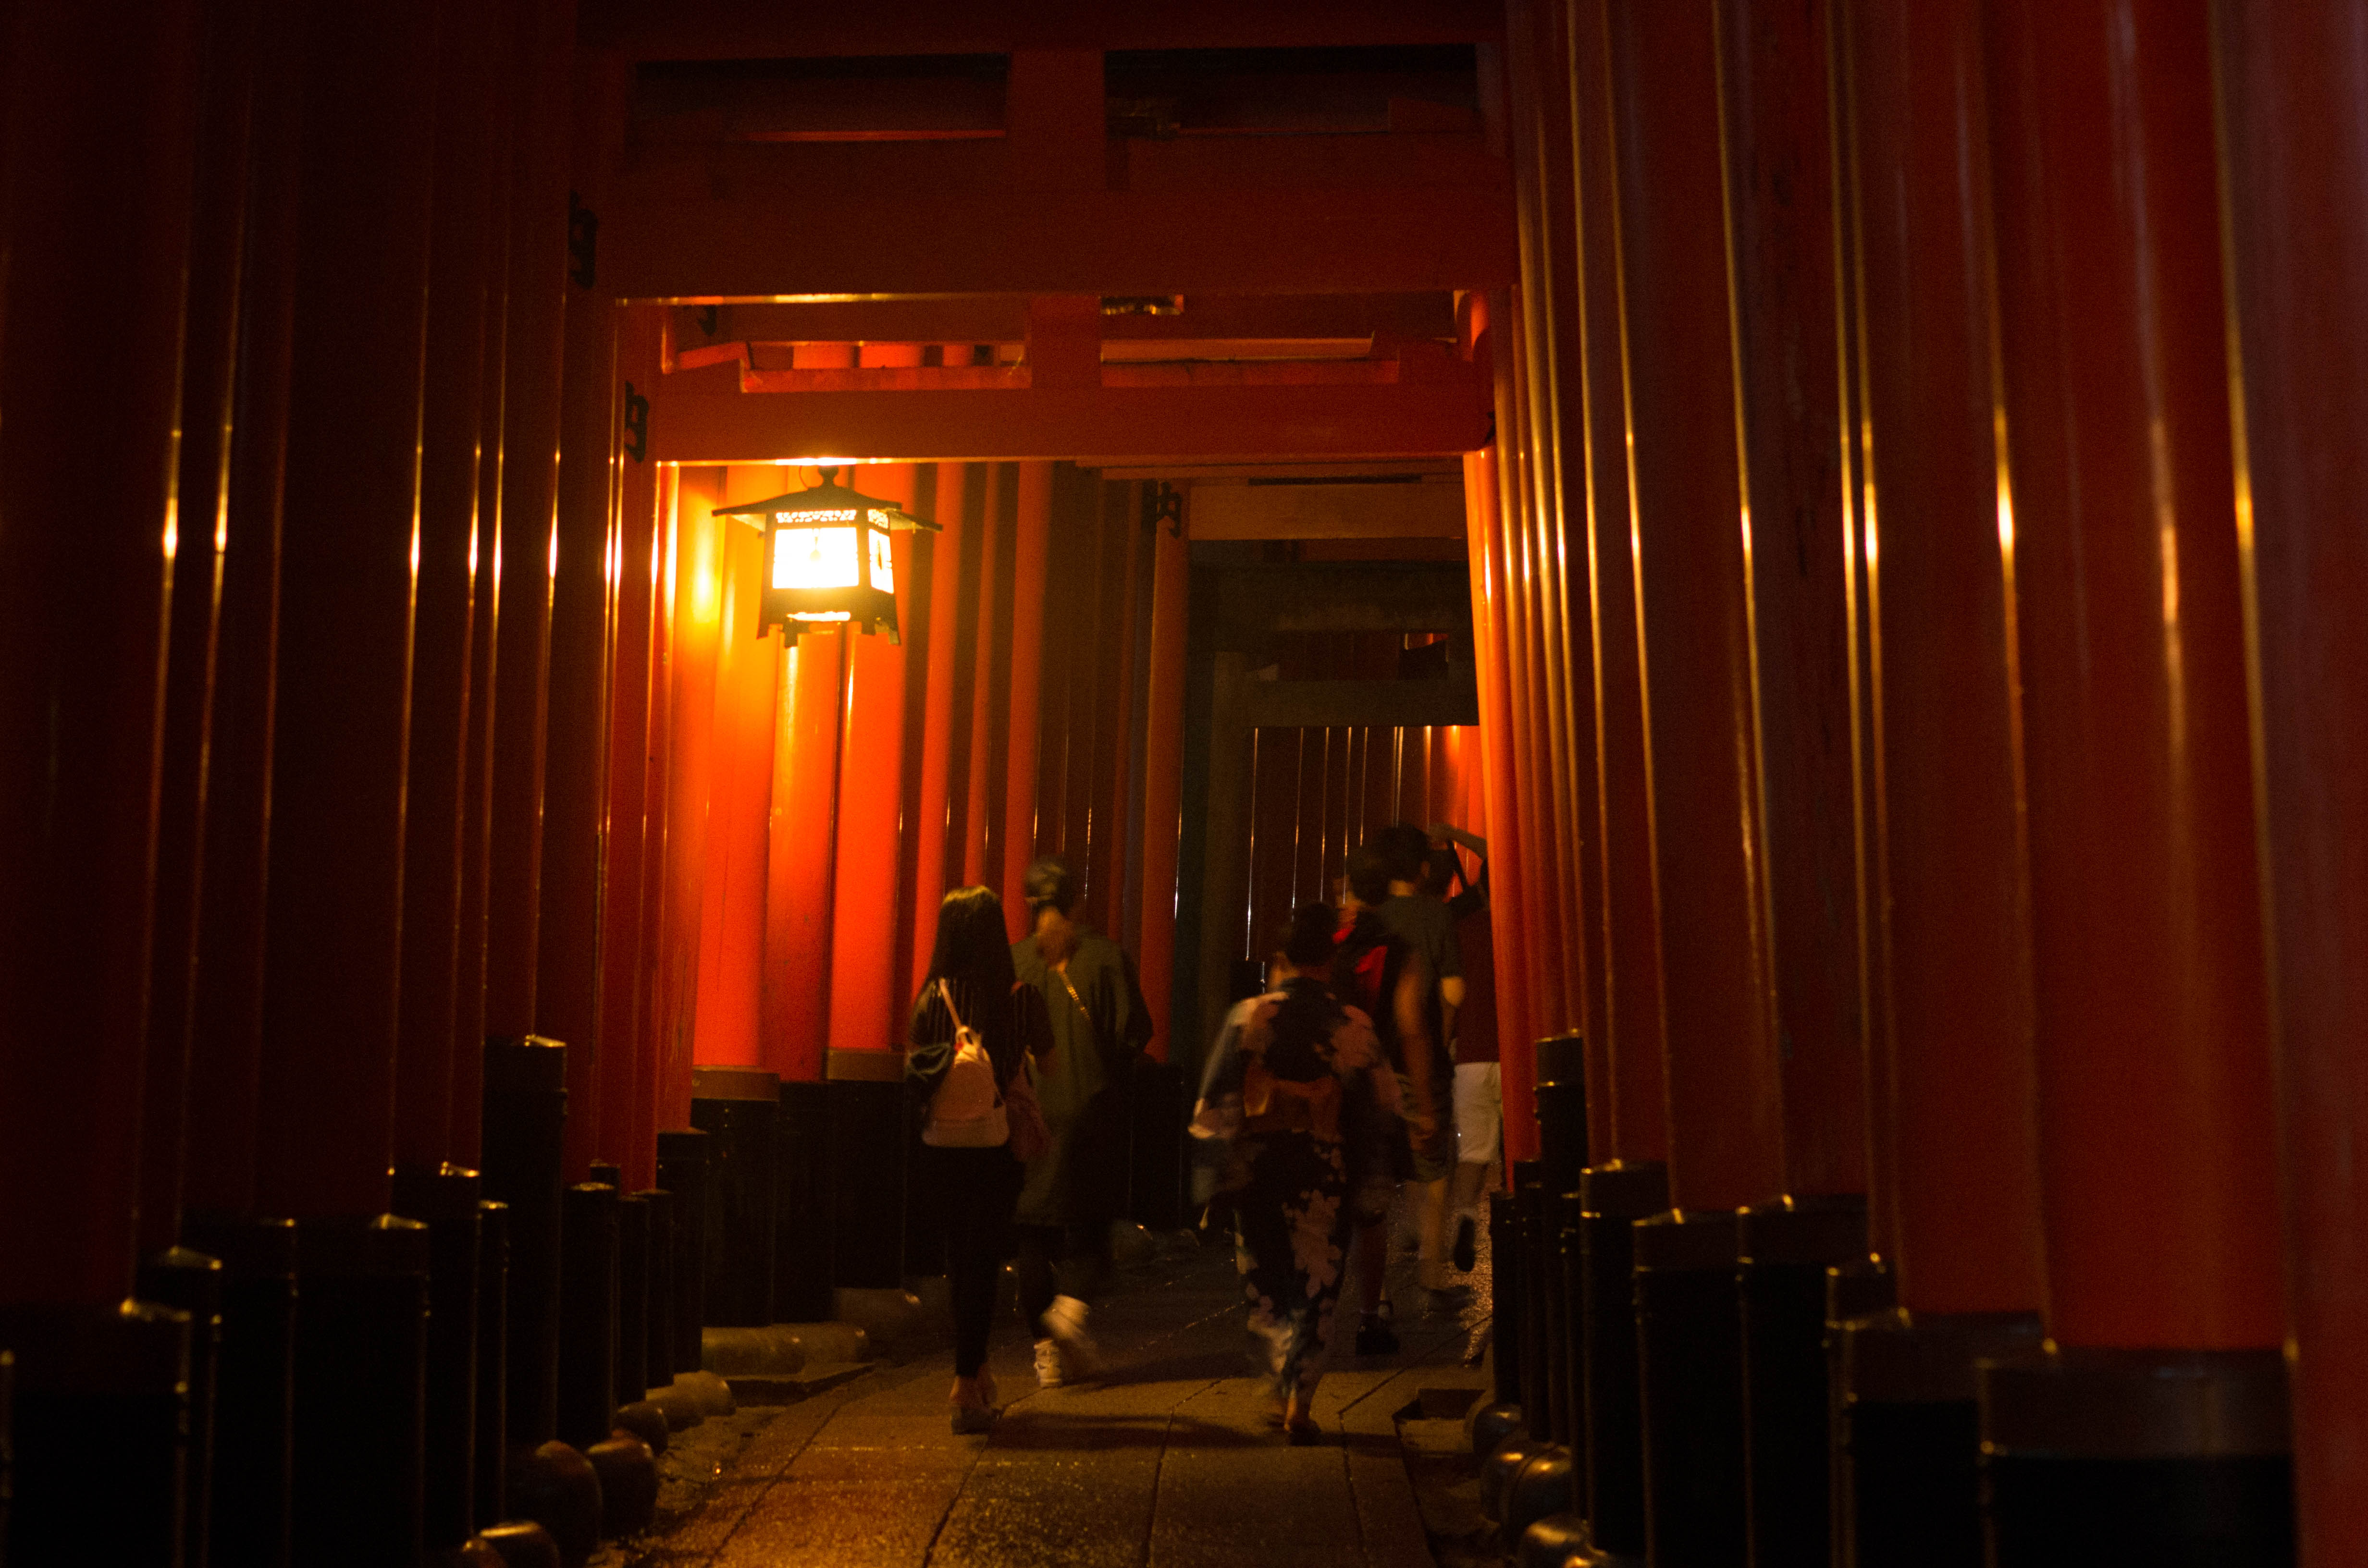 日本 關西 京阪遊